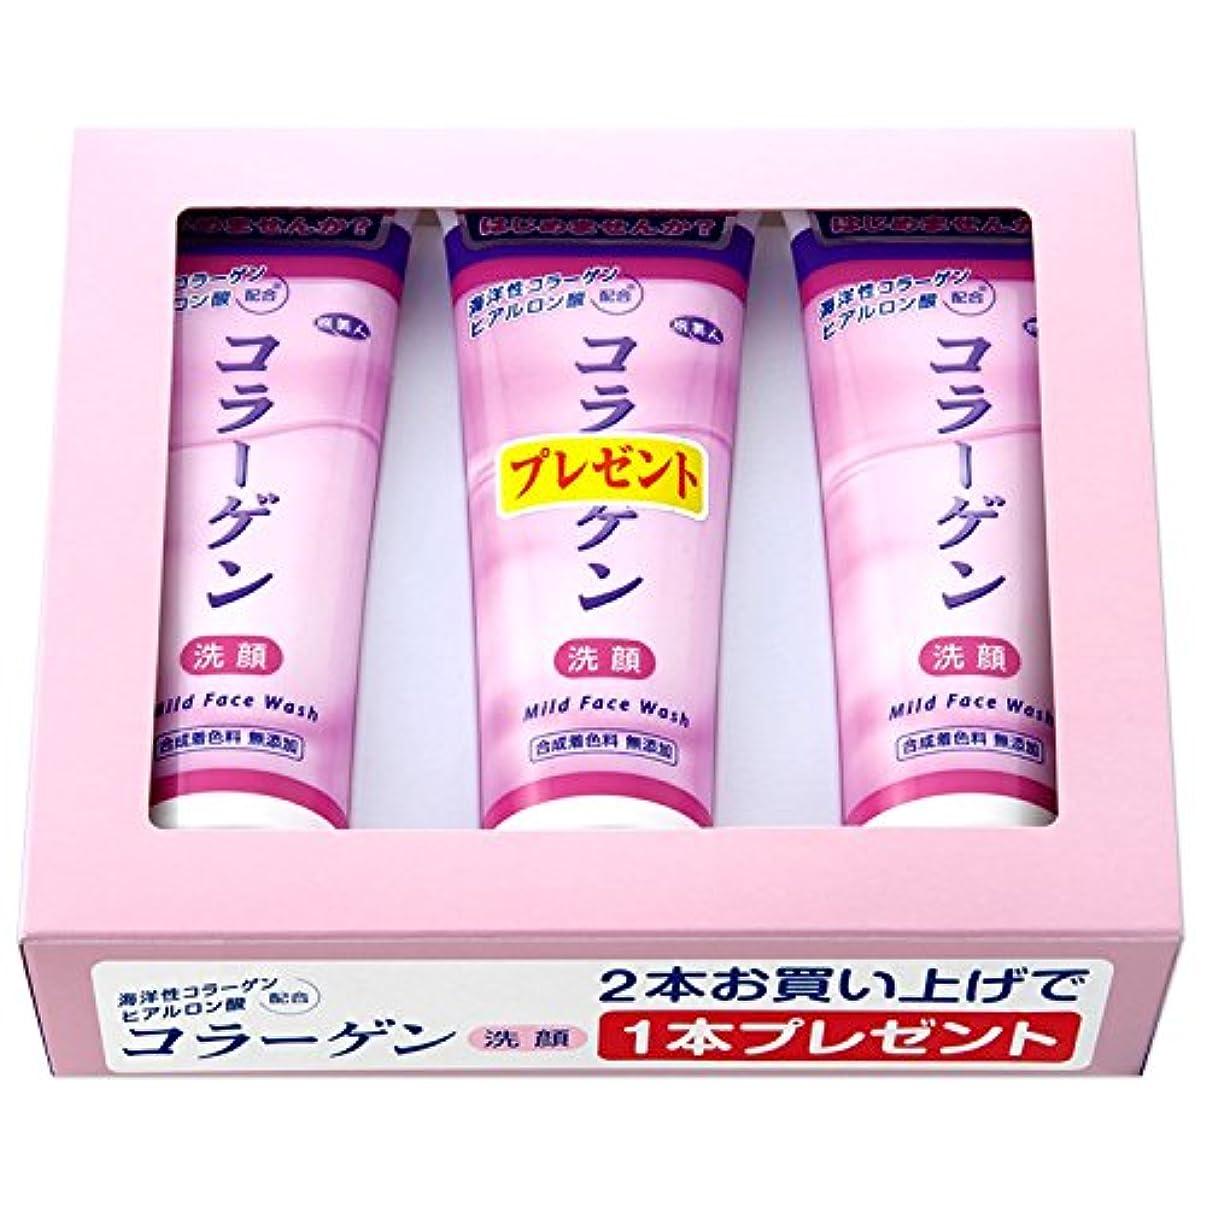 超えてビスケット痴漢アズマ商事の コラーゲン洗顔クリーム お得な 2本の値段で3本入りセット